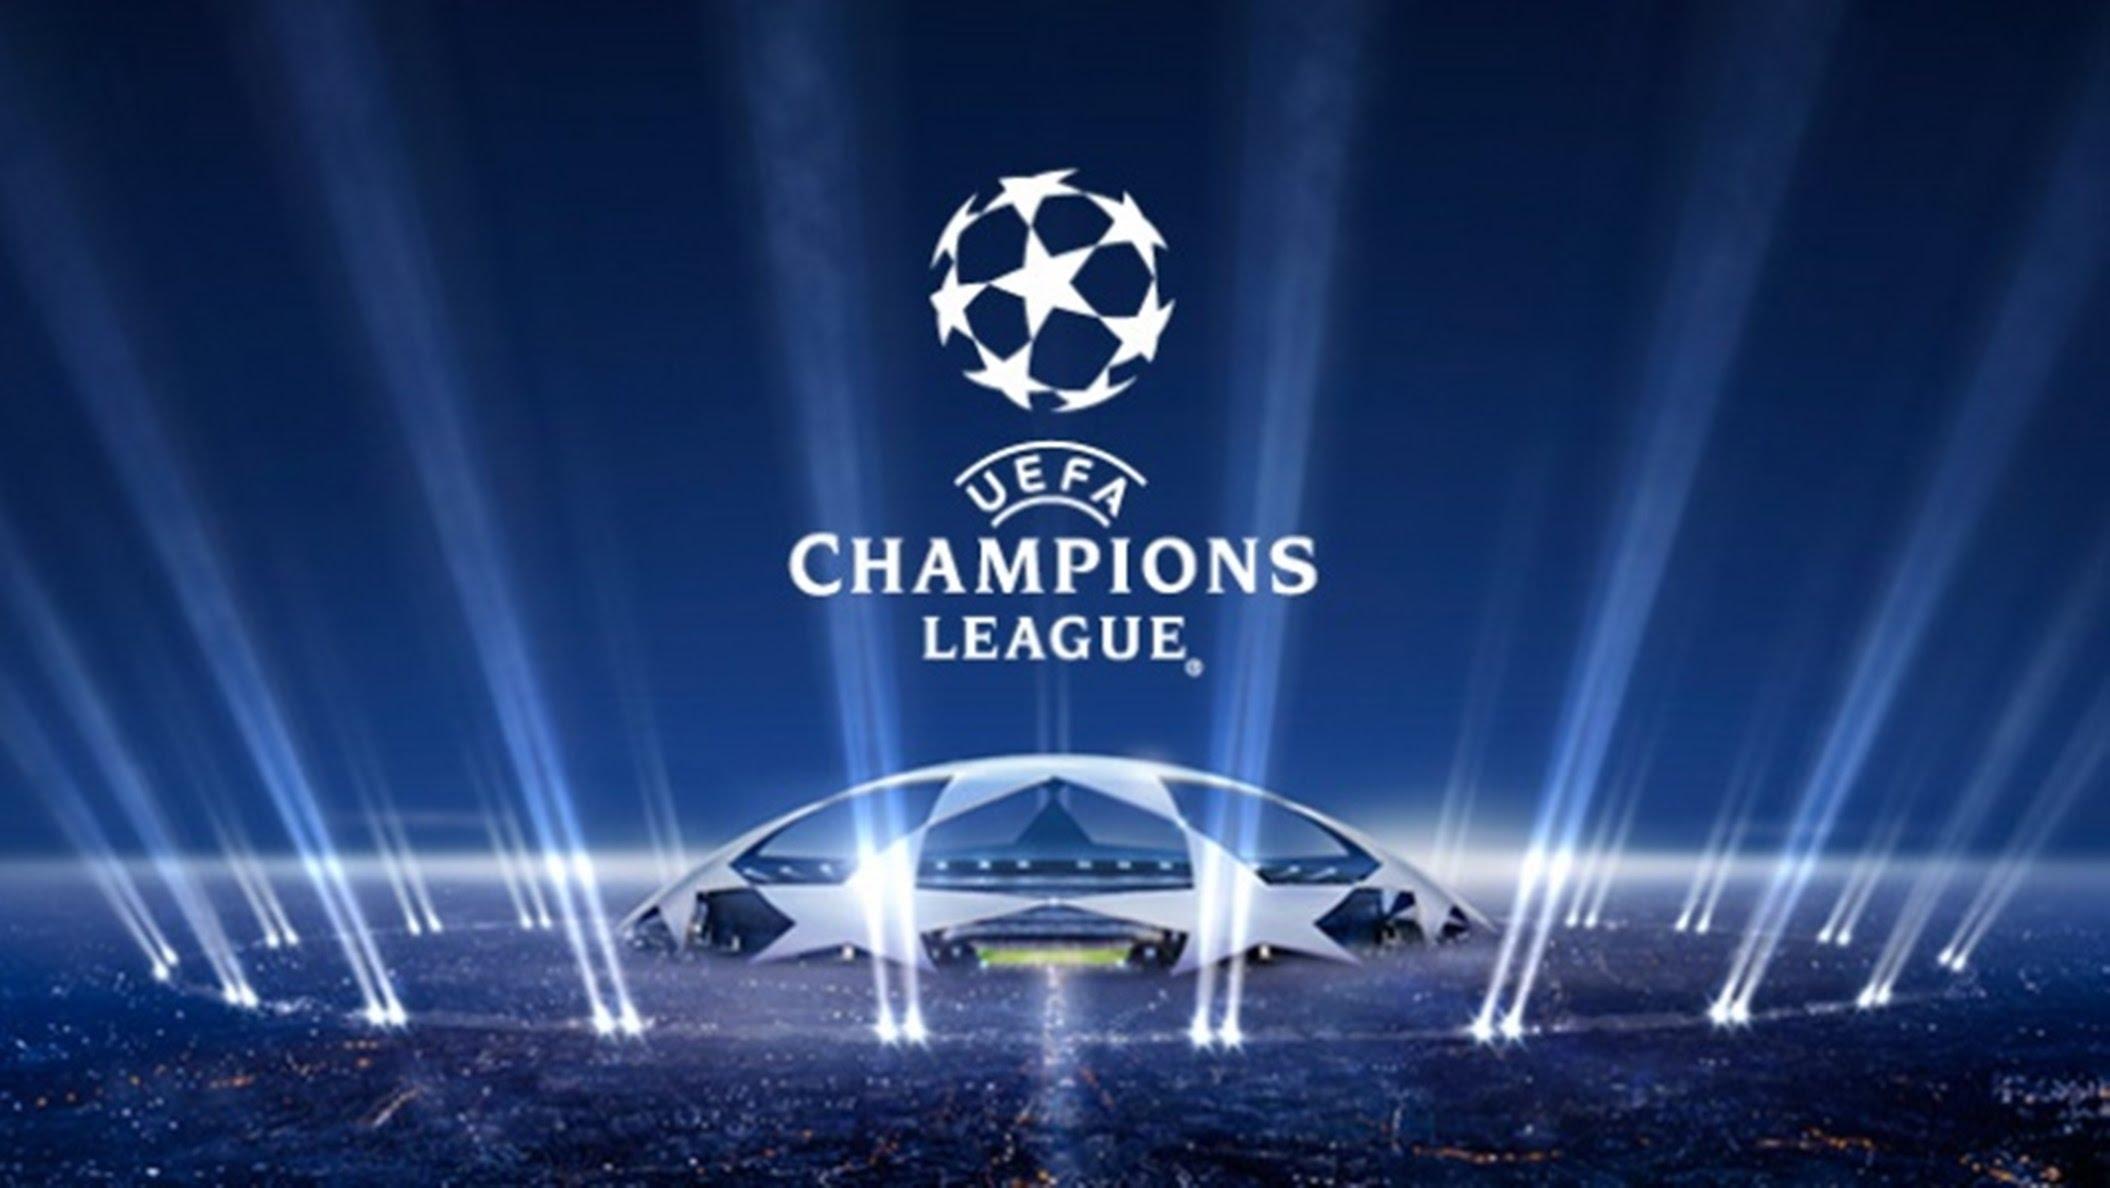 Шампионска лига по футбол, срещи-реванши от първия квалификационен кръг:Шериф Тираспол